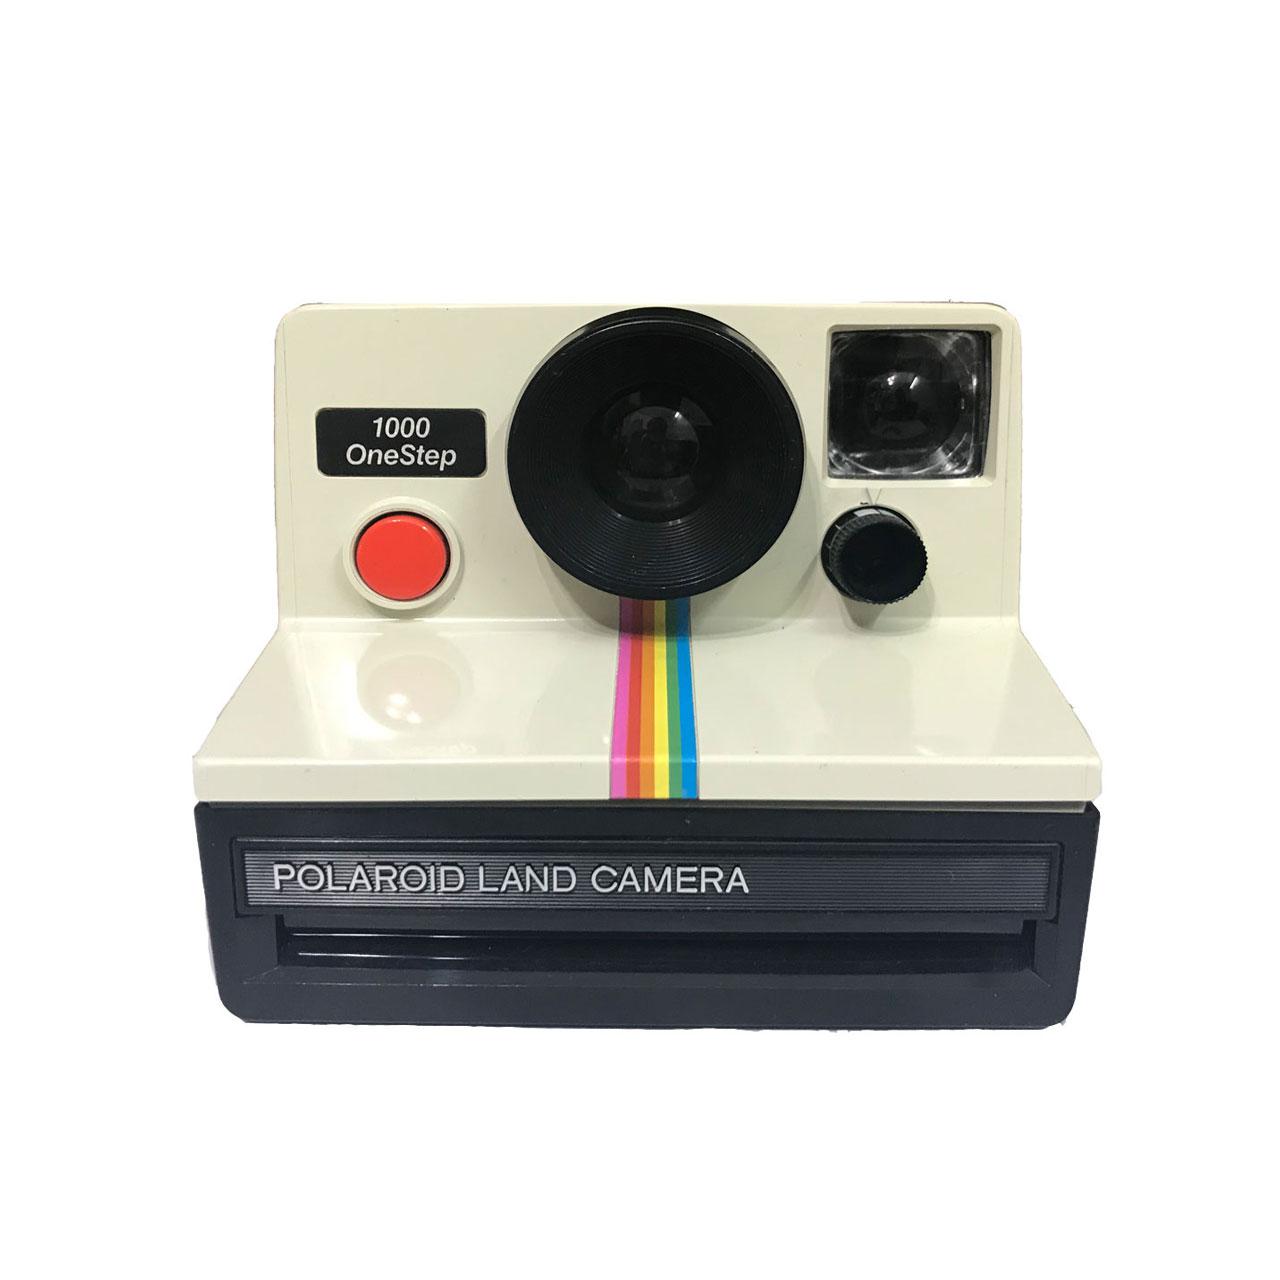 دوربین عکاسی چاپ سریع پولاروید 1000 مدل OneStep